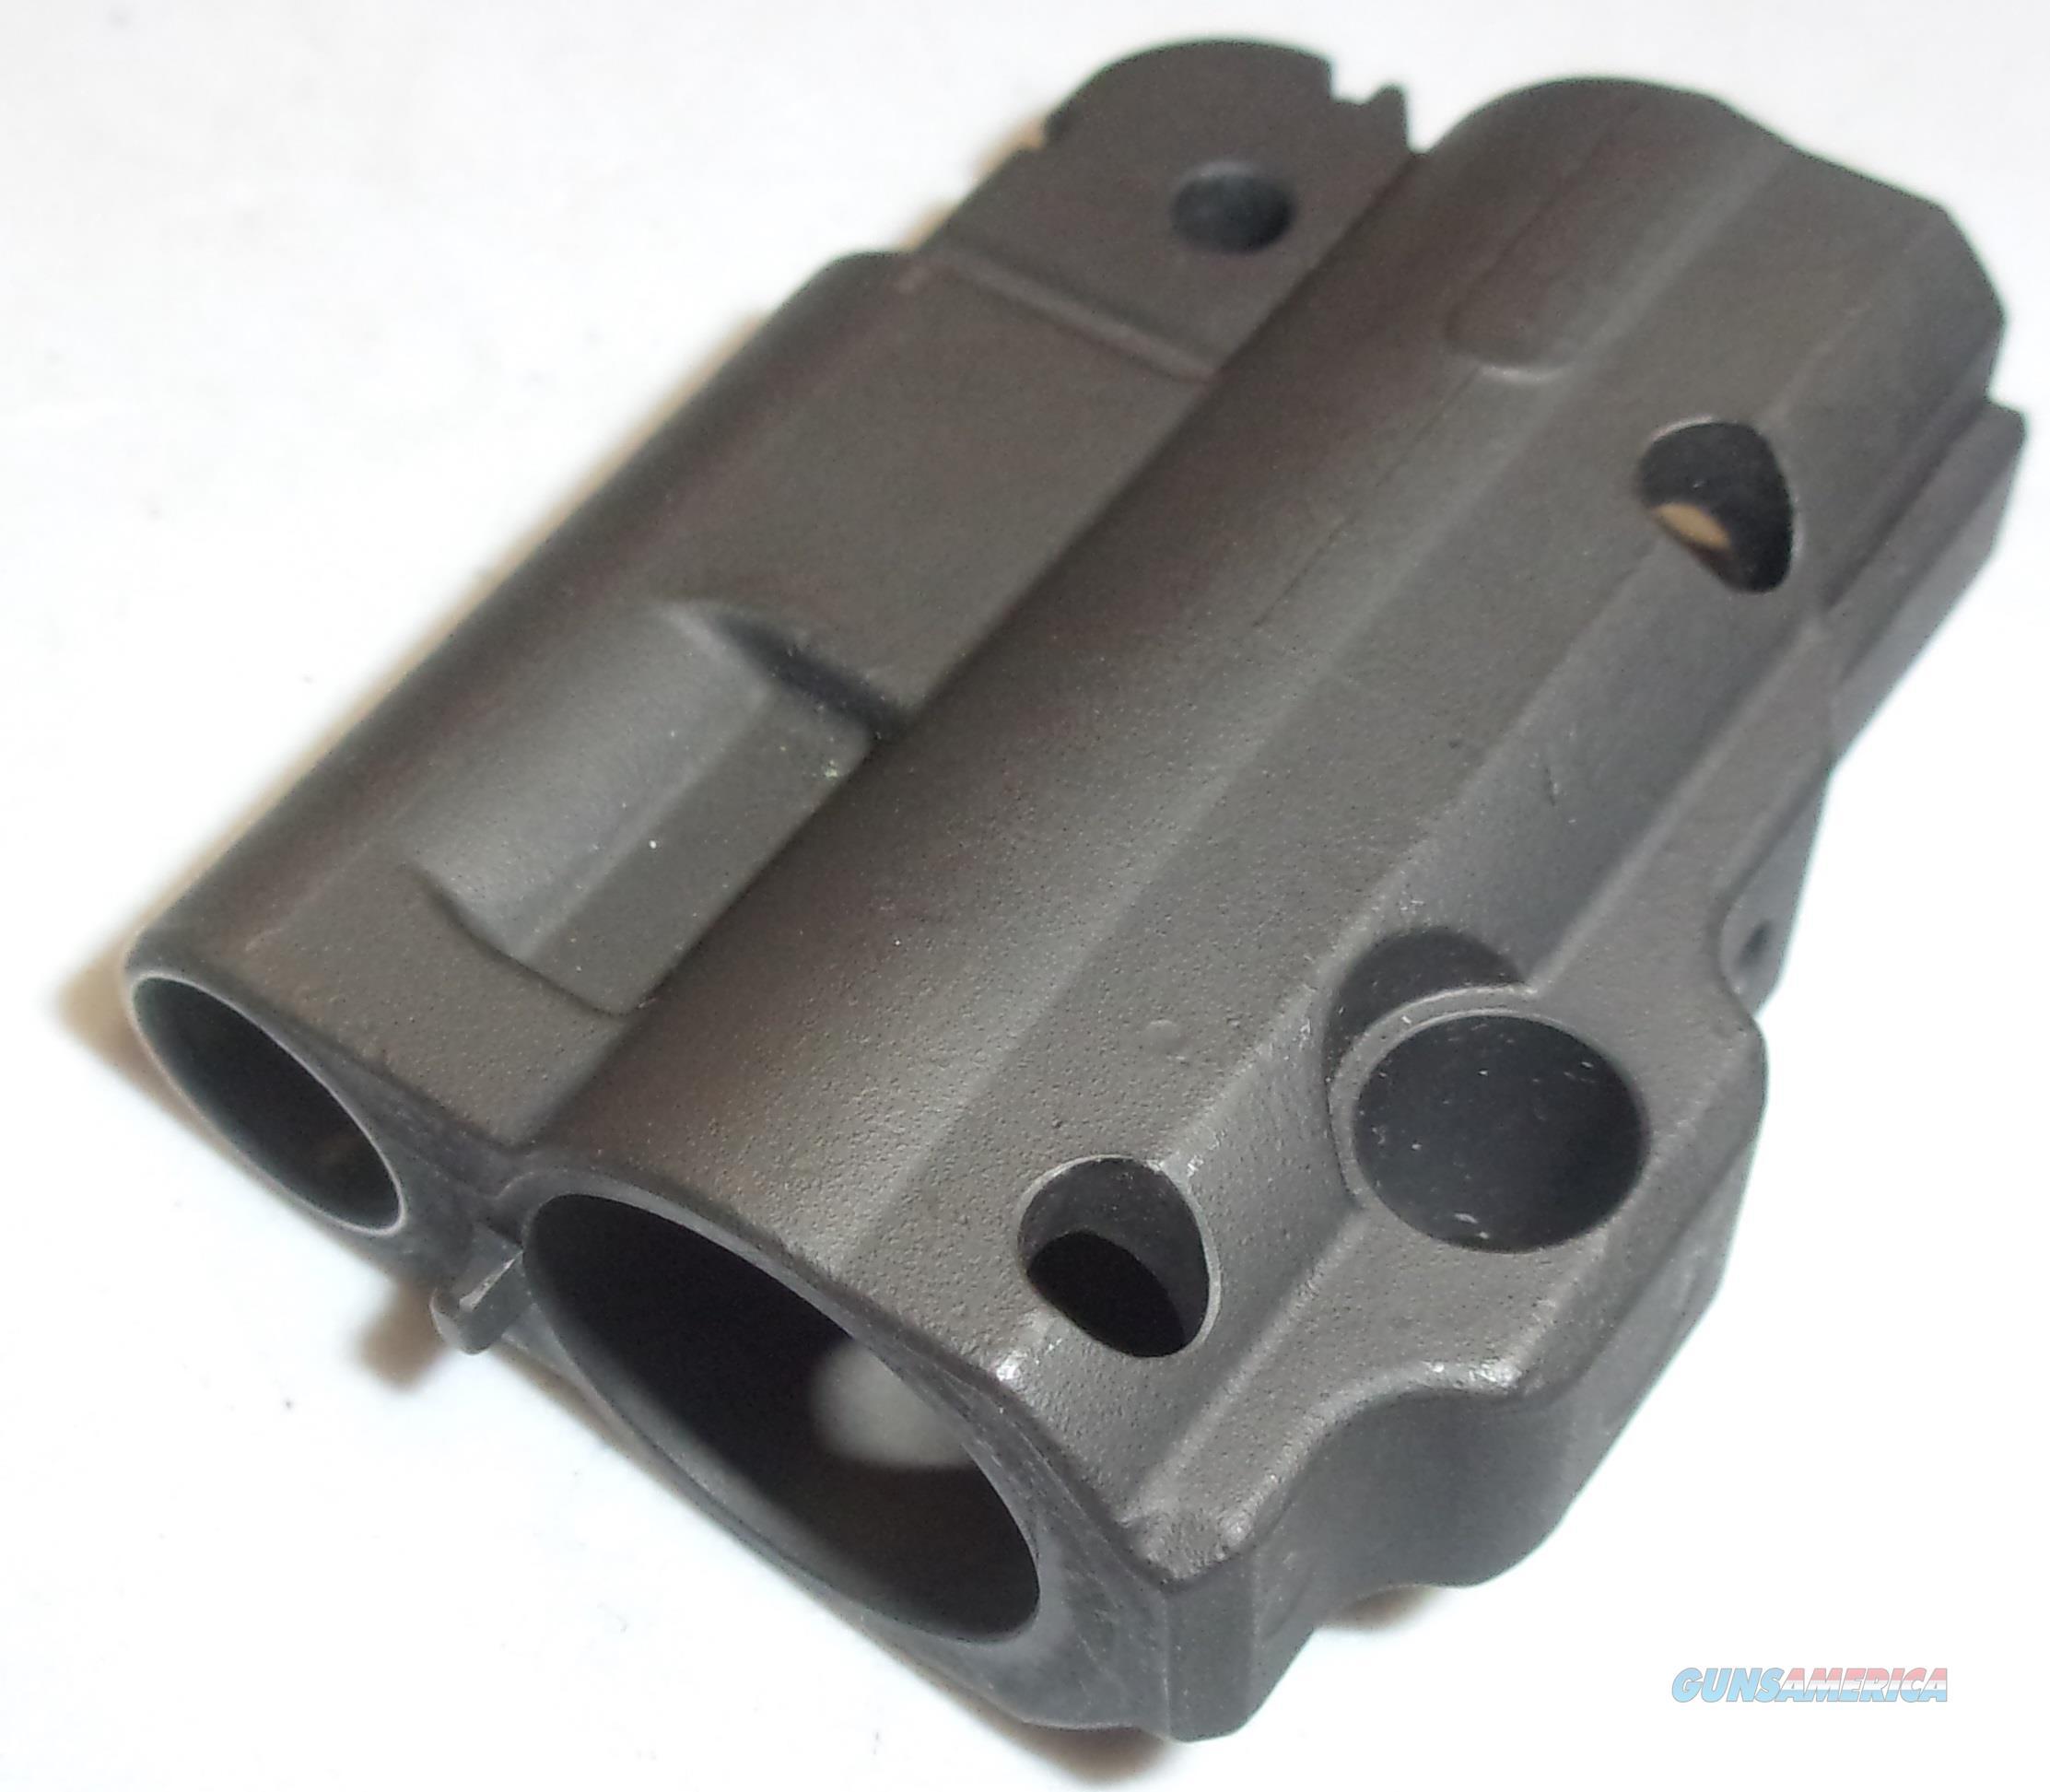 HK 416/MR556 Gas Block  Non-Guns > Gun Parts > Misc > Rifles